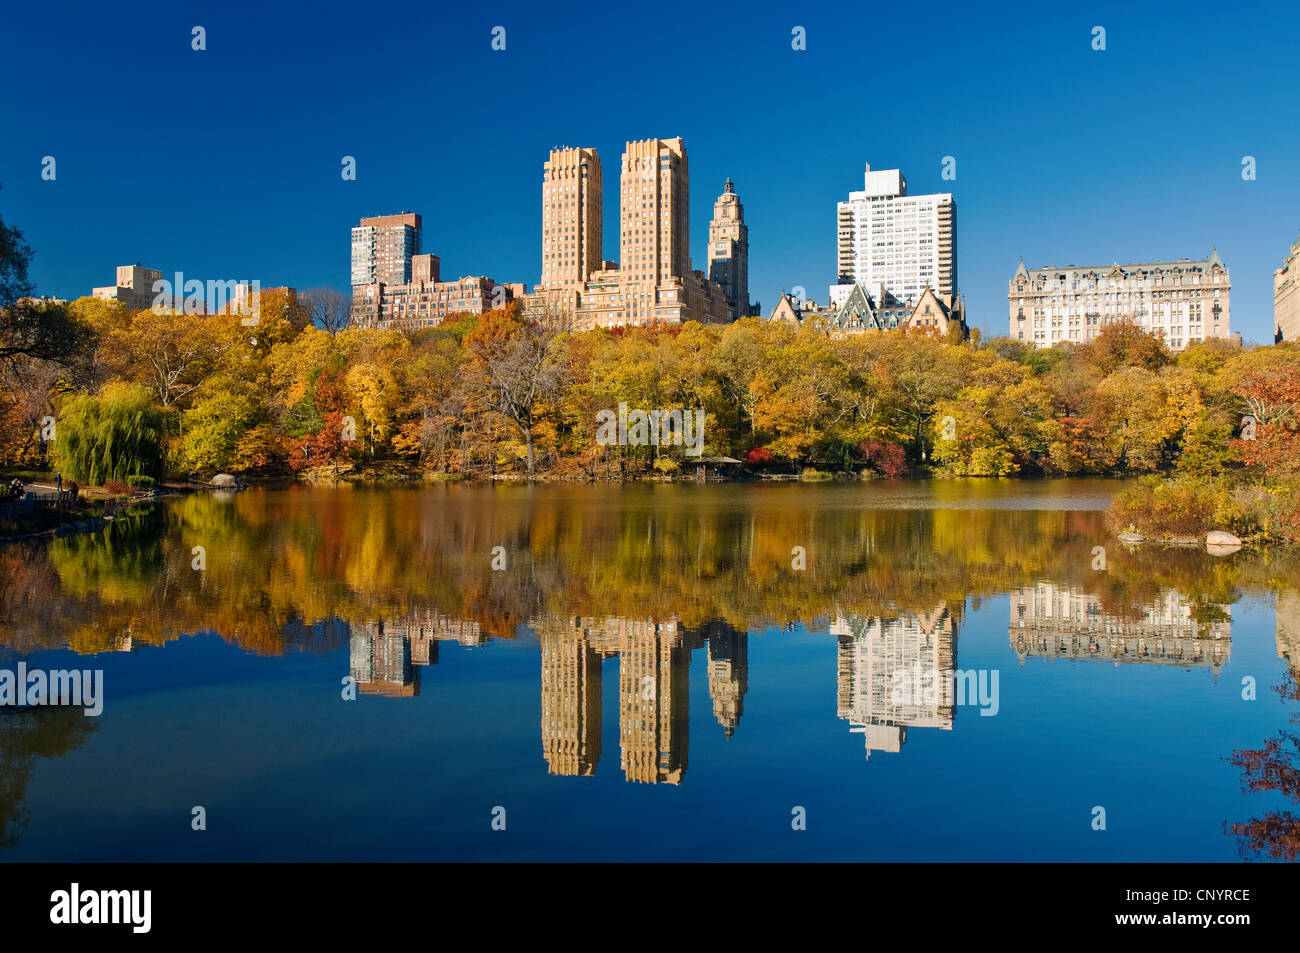 Central Park in New York City im Herbst am See mit Skyline von Central Park West und die Dakota Apartments. Stockbild